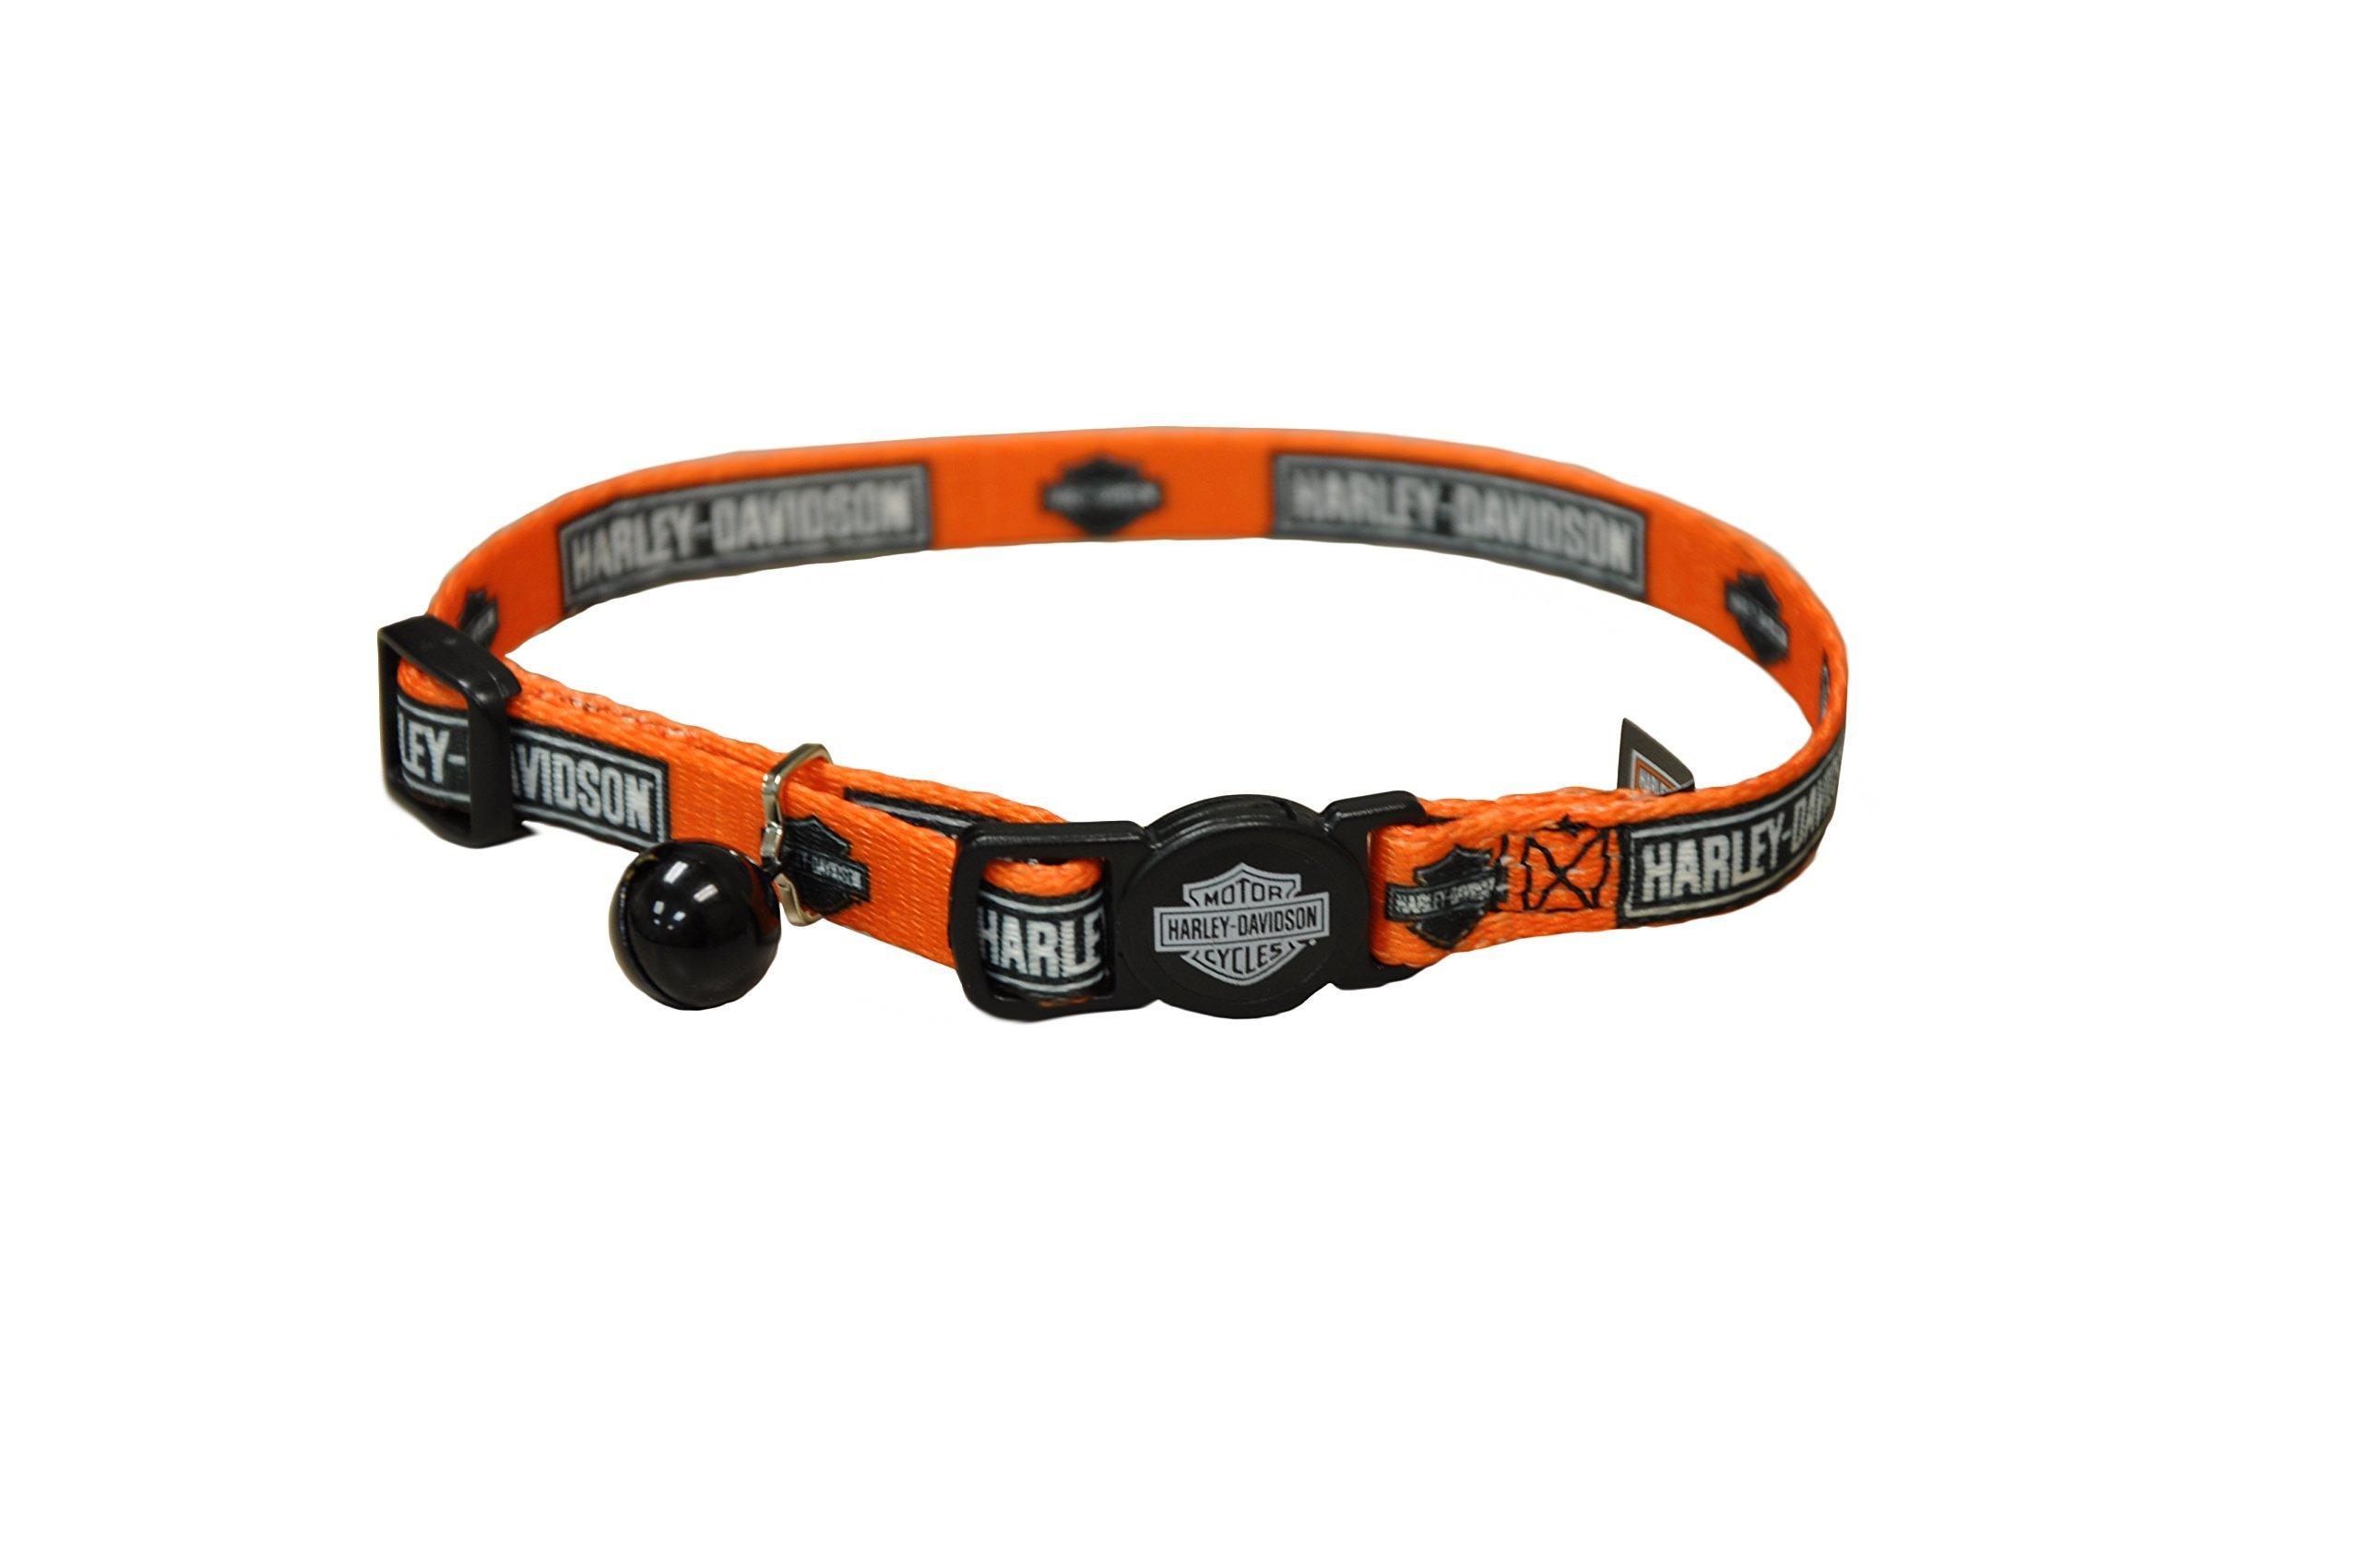 Harley Davidson Adjustable Safe Cat Collar 3/8